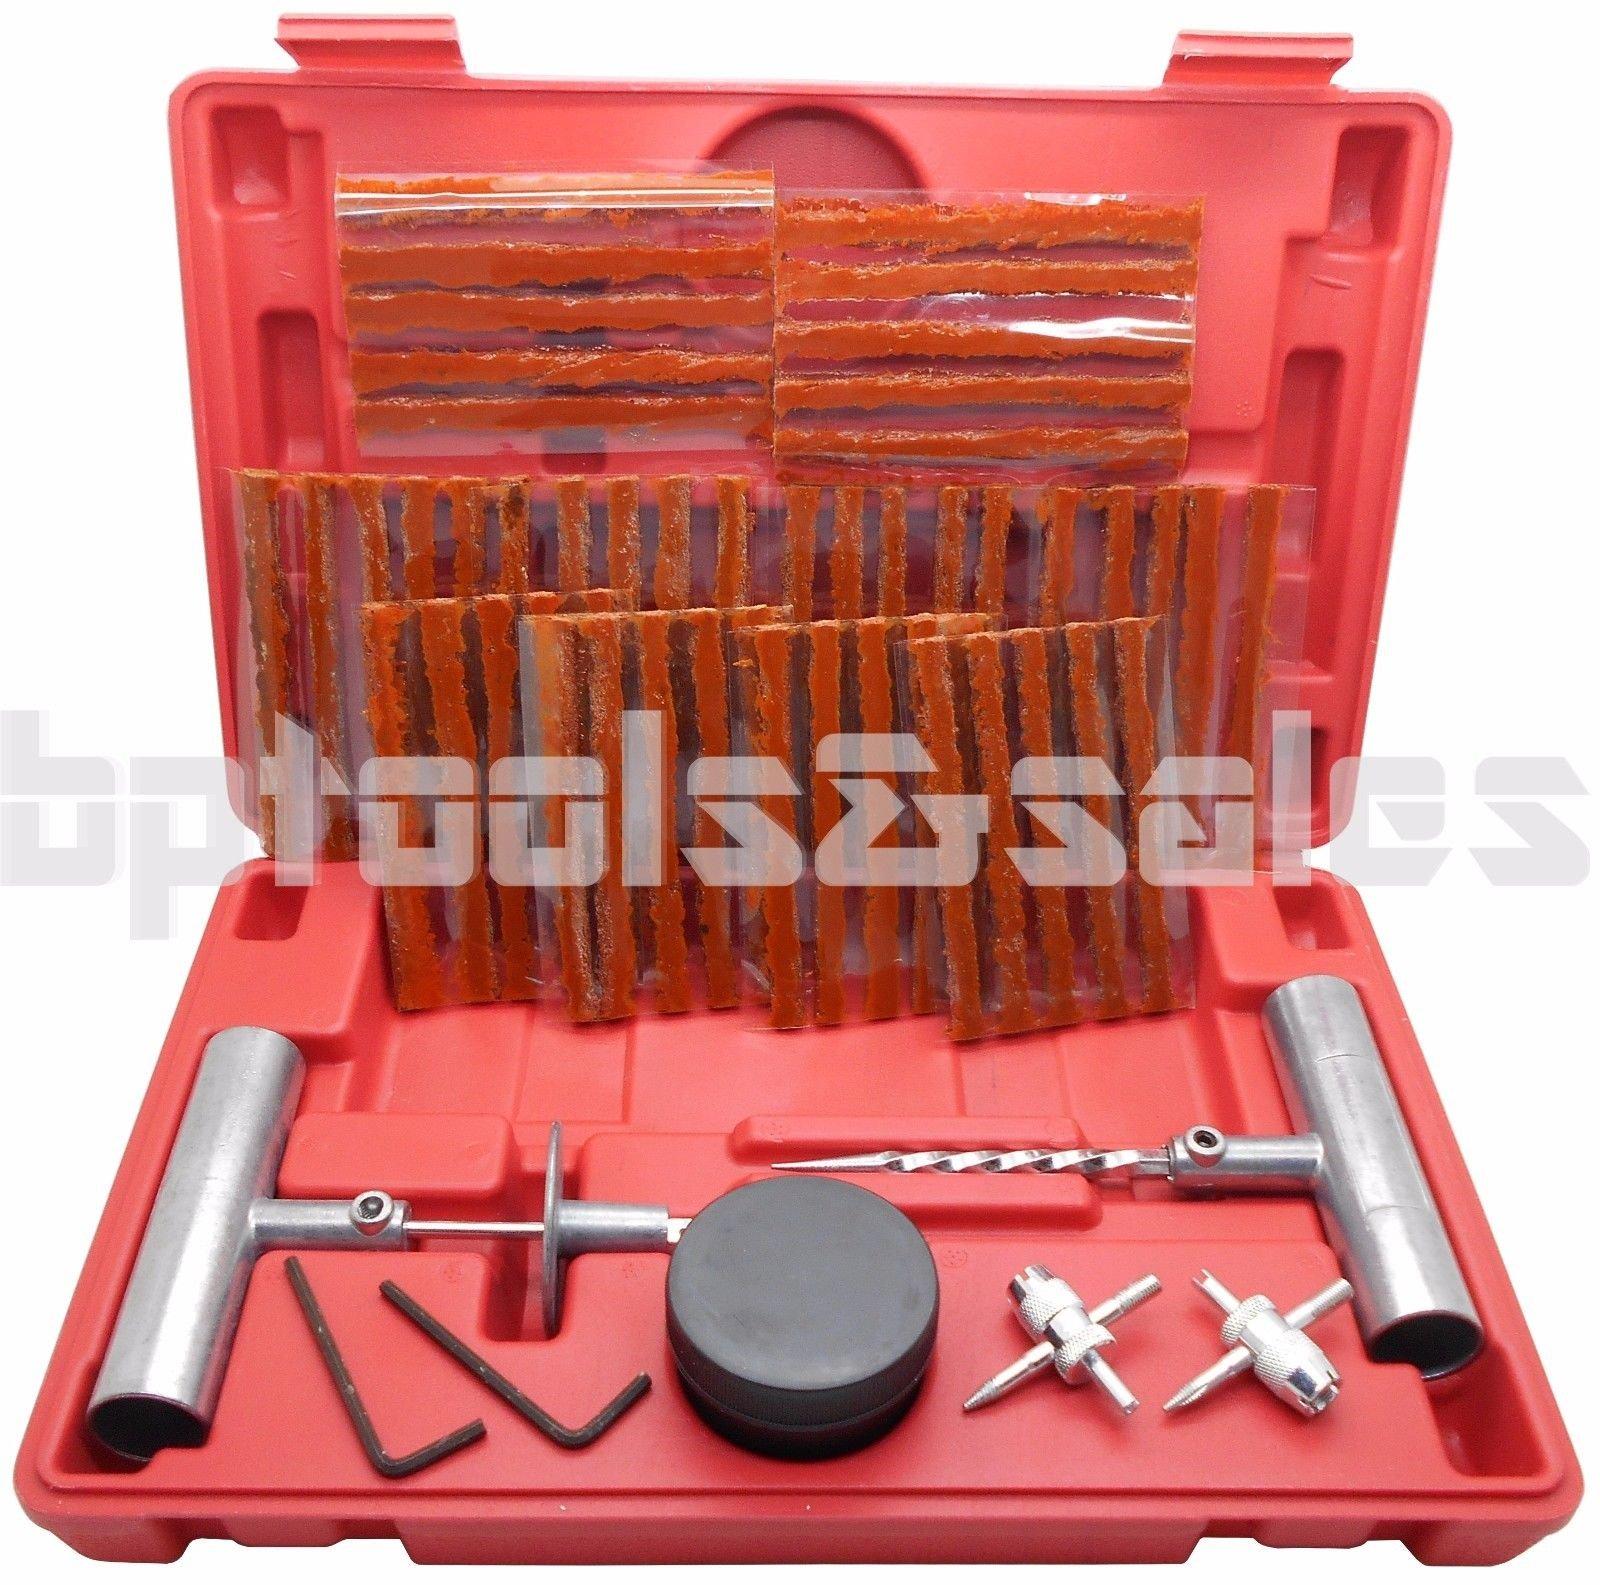 57pc Tire Repair Kit DIY Flat Tire Repair Car Truck Motorcycle Home Plug Patch